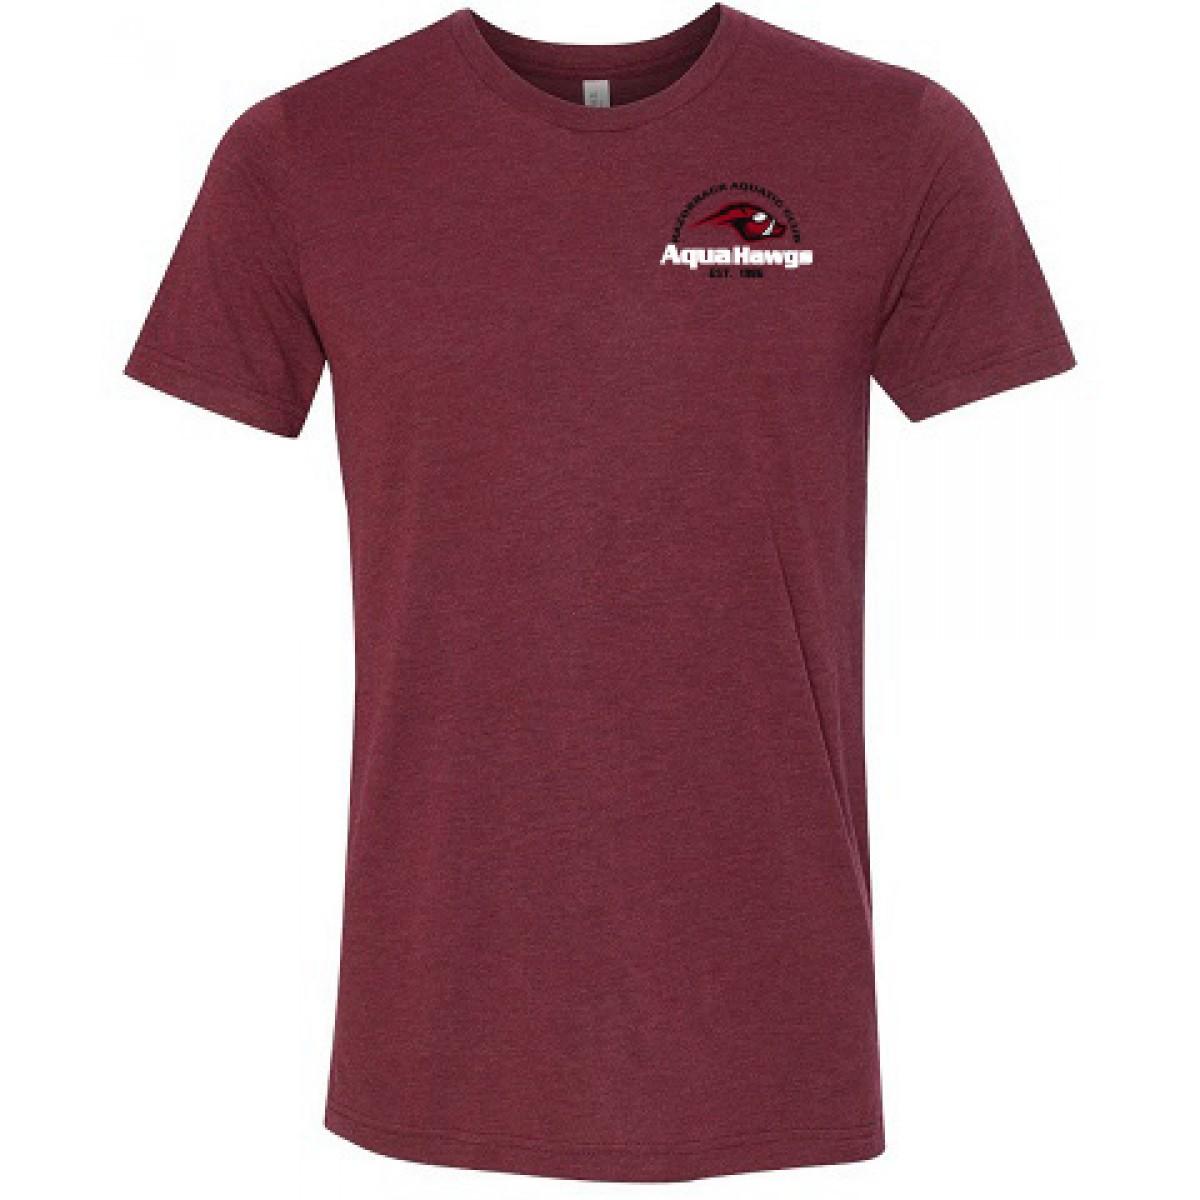 Bella+Canvas Unisex Short Sleeve Jersey T-Shirt-Cardinal Red-XL